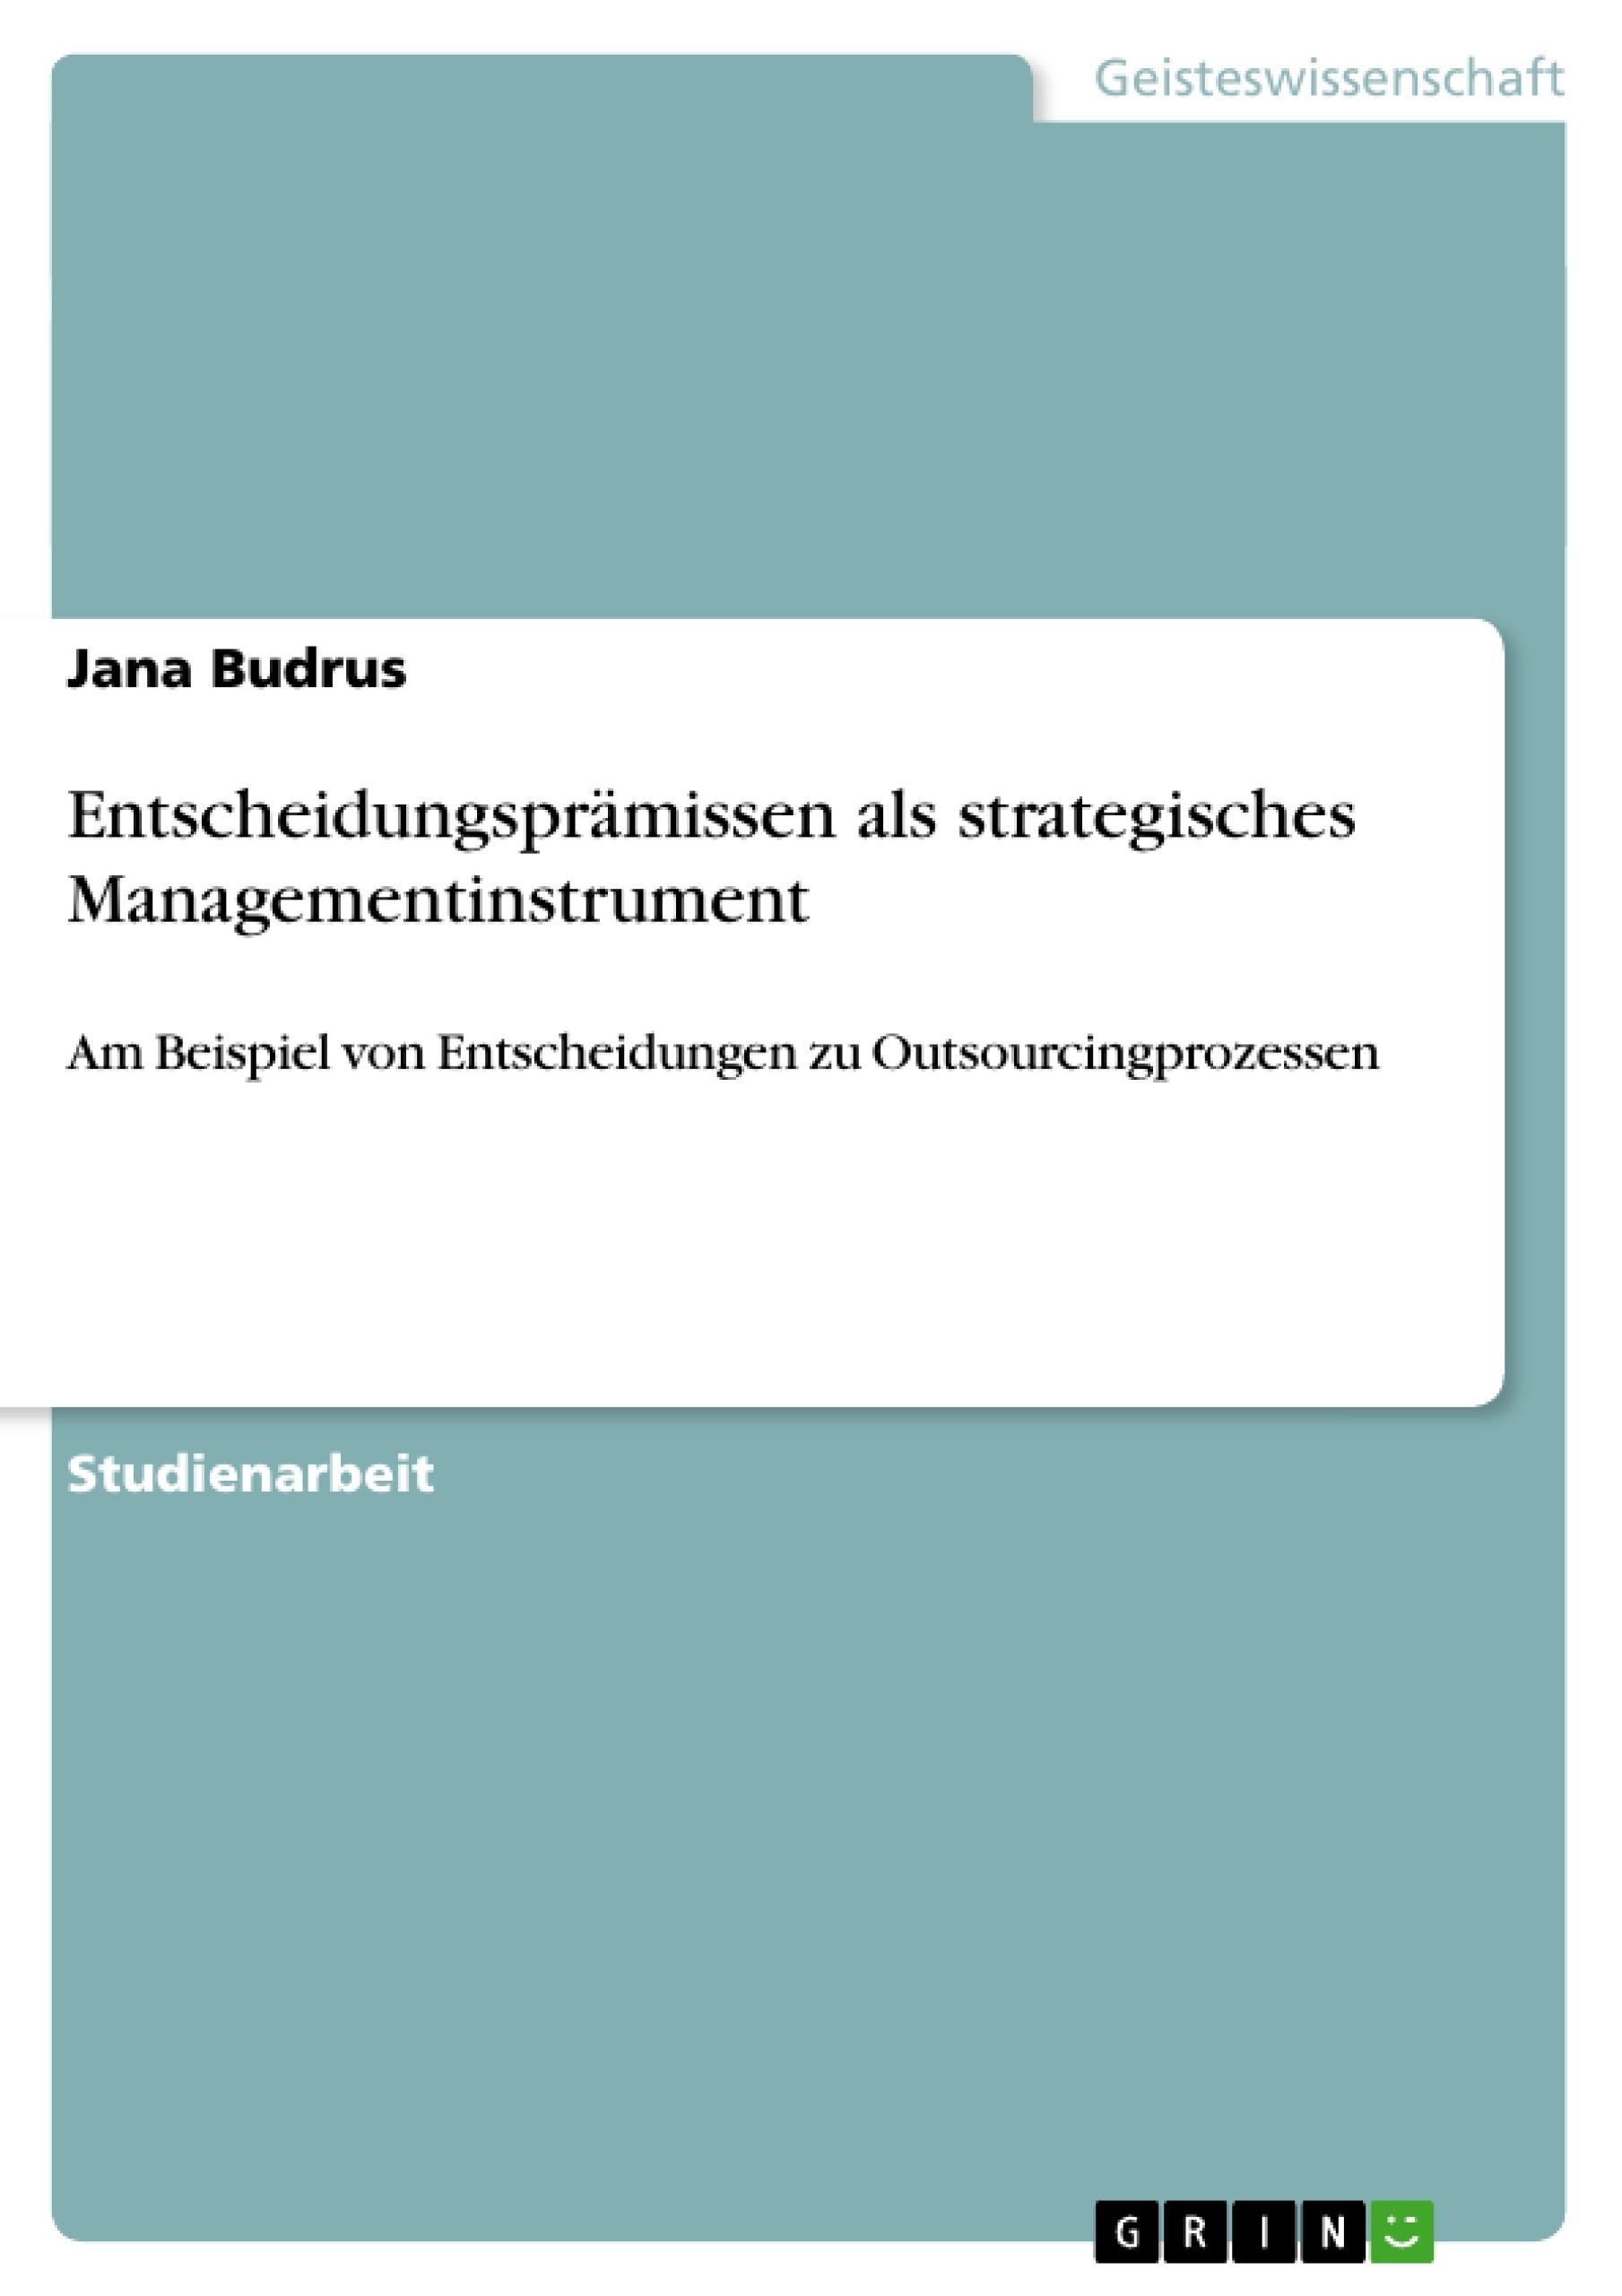 Titel: Entscheidungsprämissen als strategisches Managementinstrument